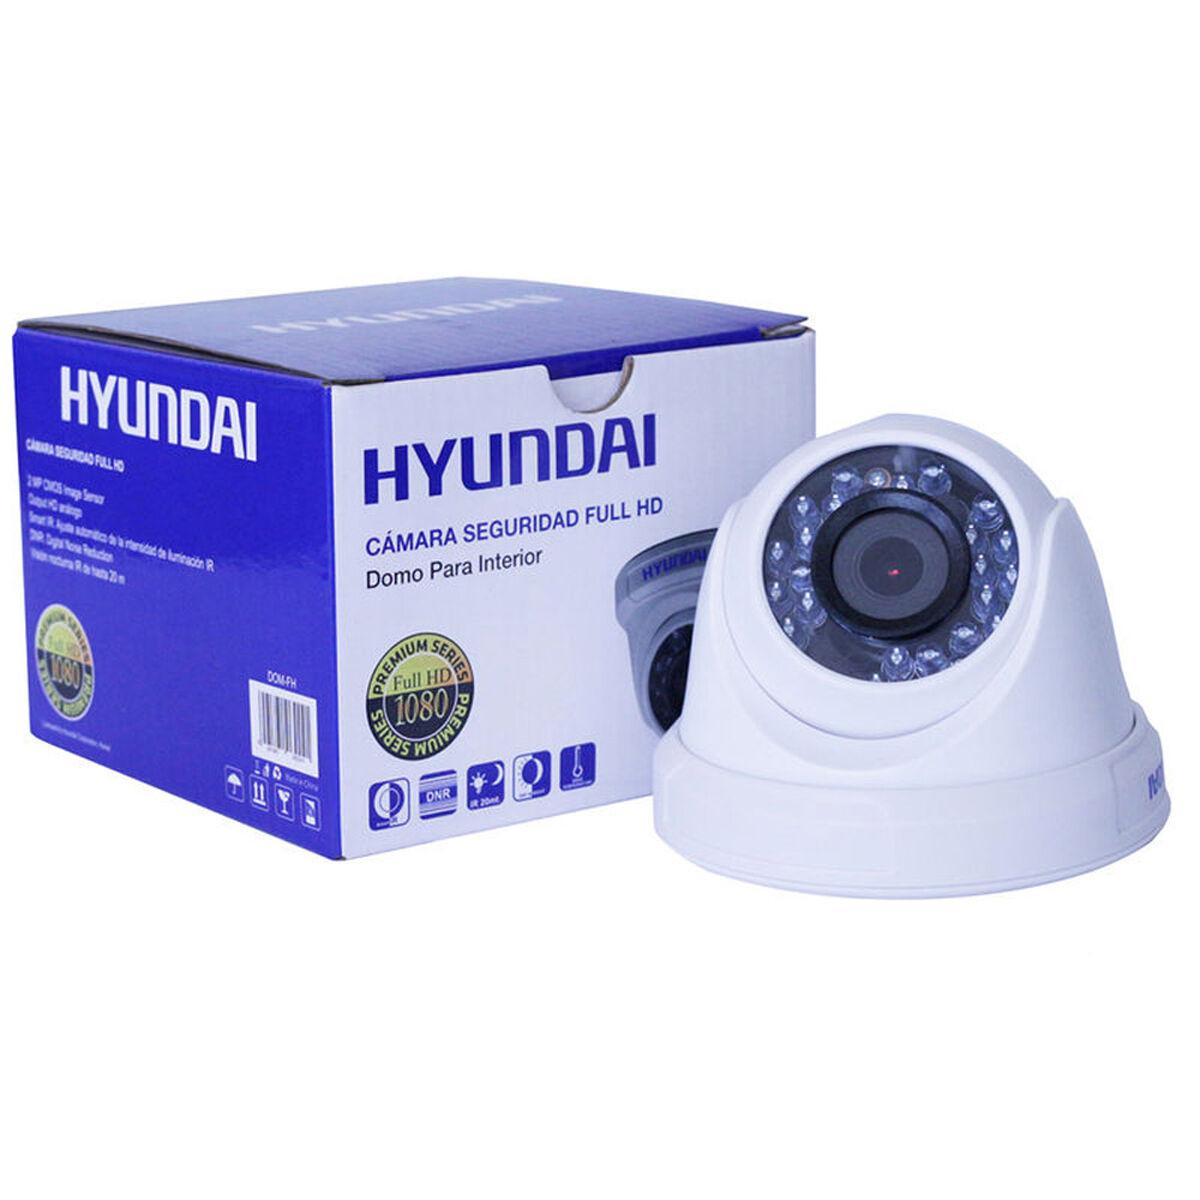 Cámara de Seguridad Hyundai Domo HY-CAMDOFHD